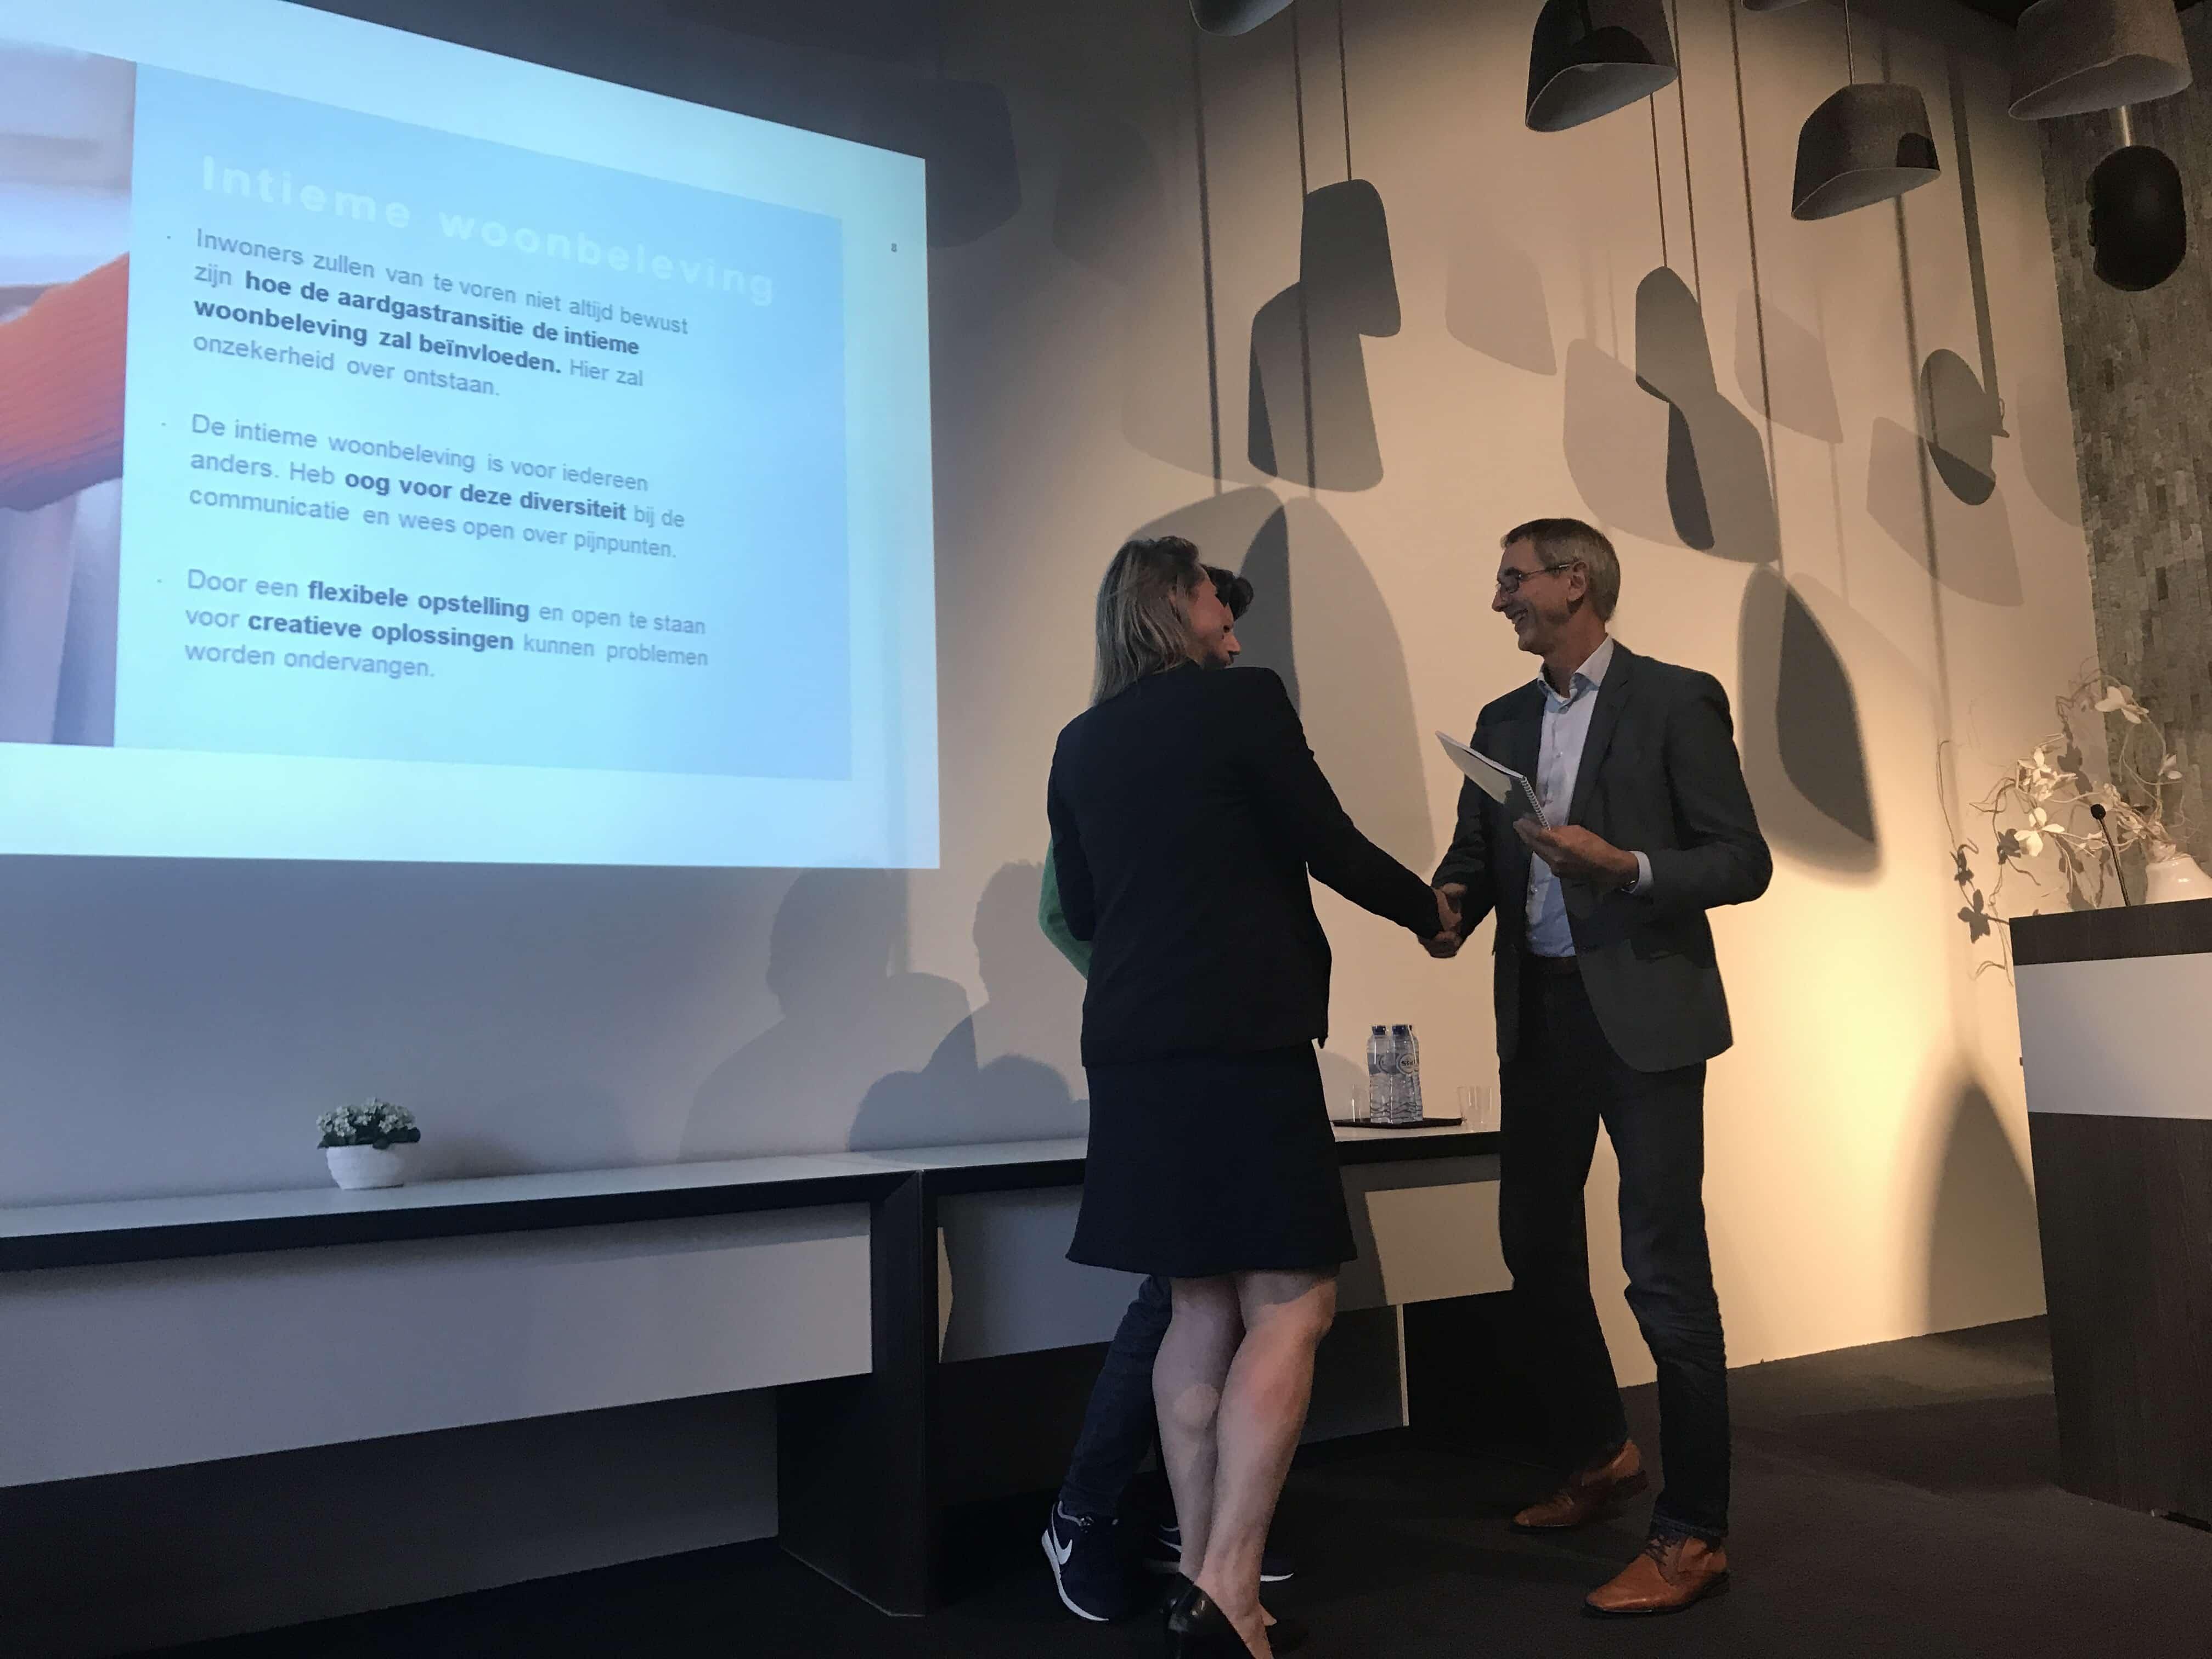 Presentaties 5 oktober 2017 in Den Haag